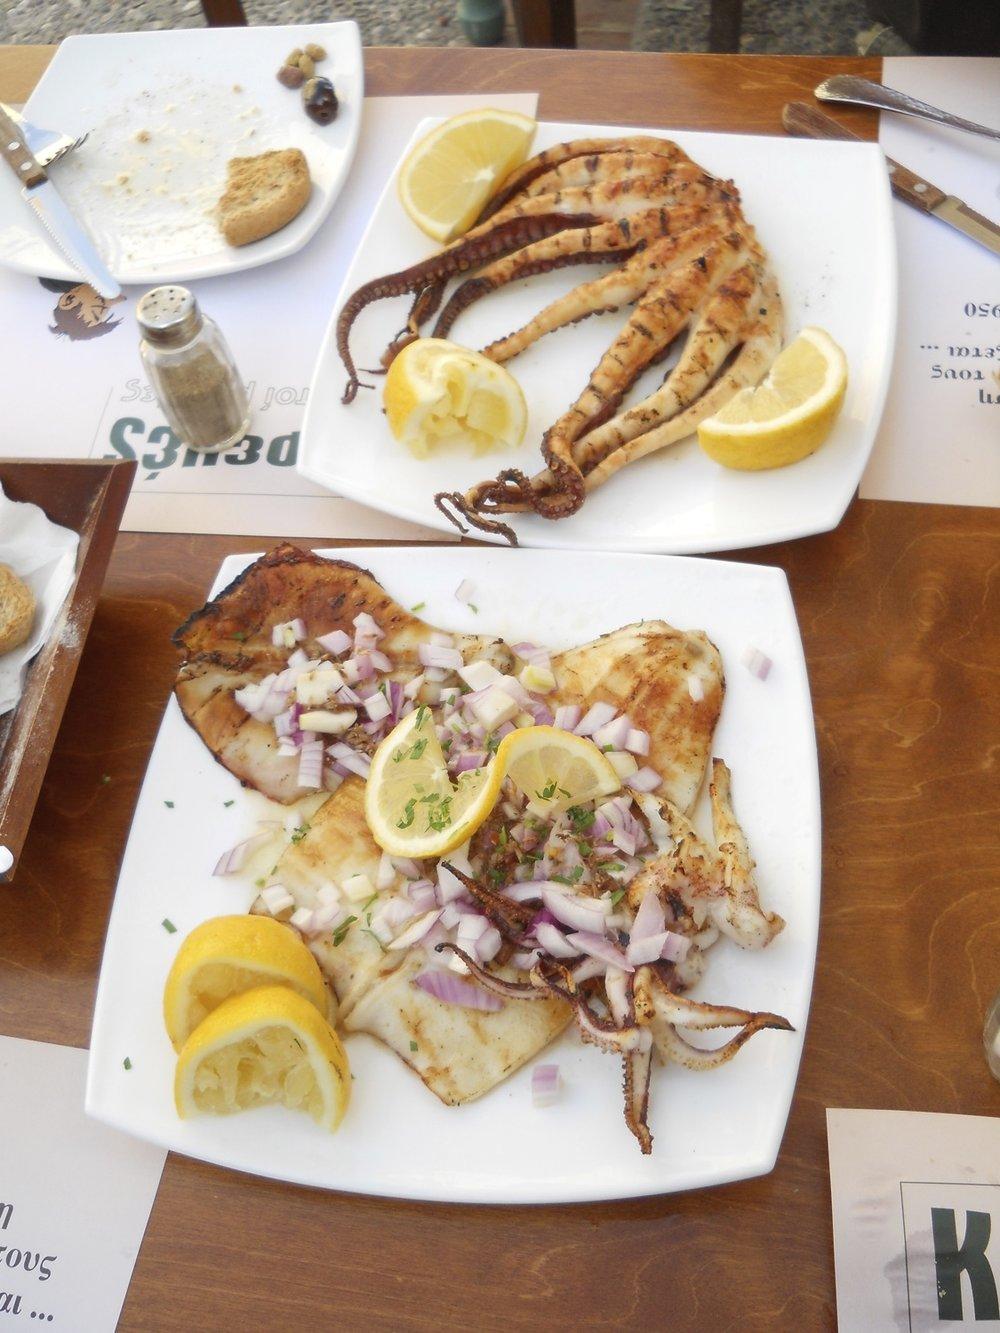 squid dinnerjpg.jpg